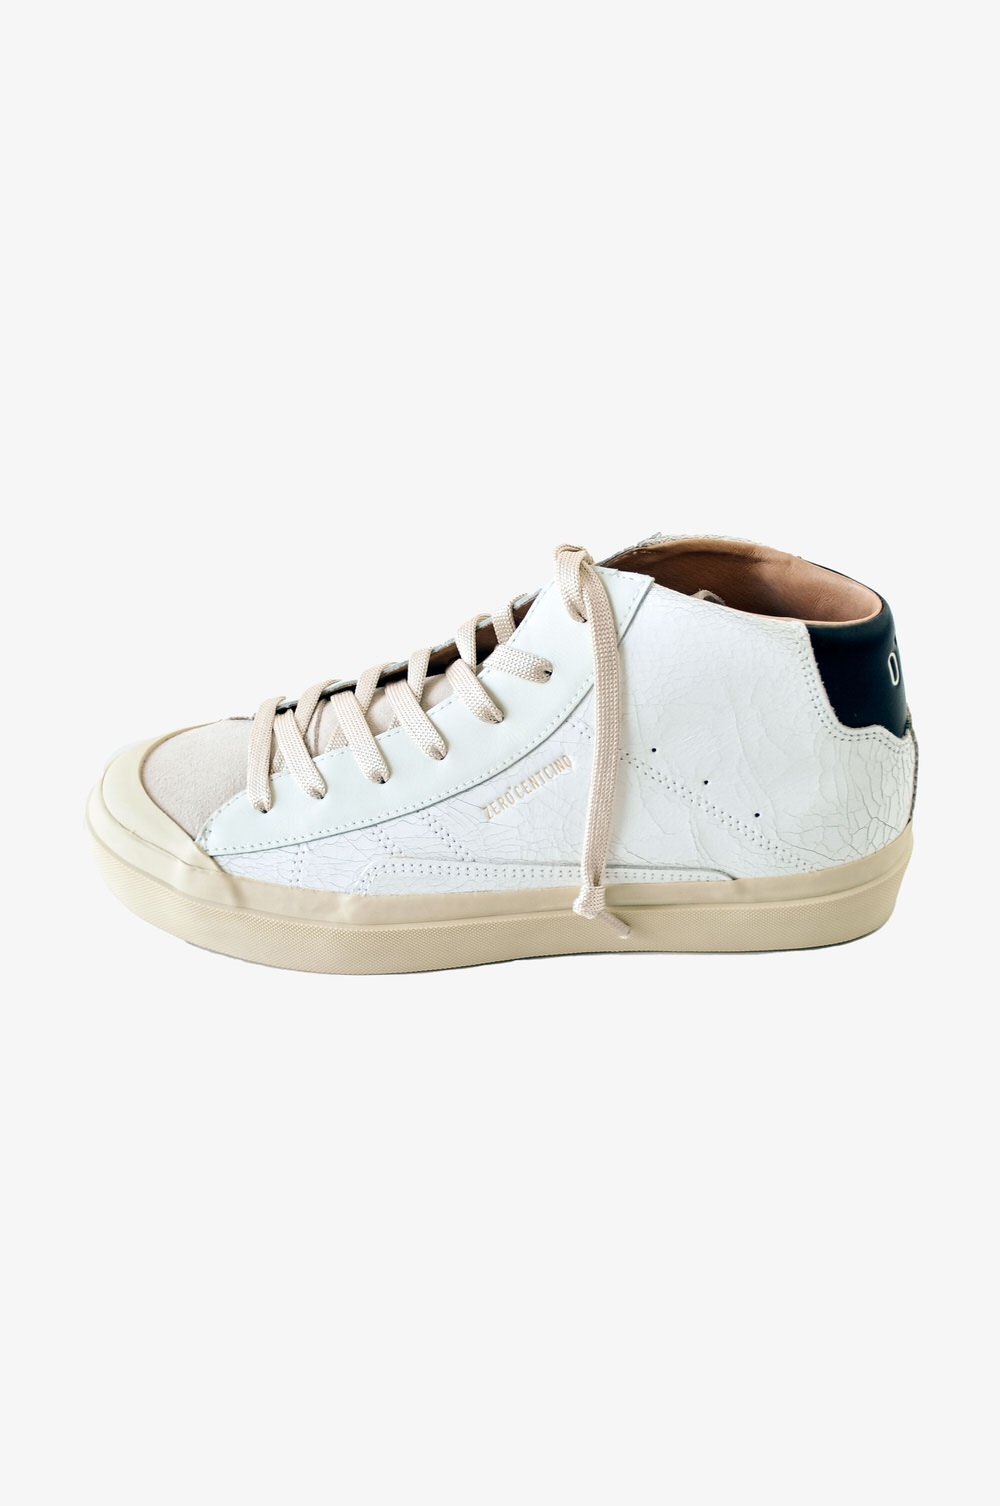 ホワイト / Size 36